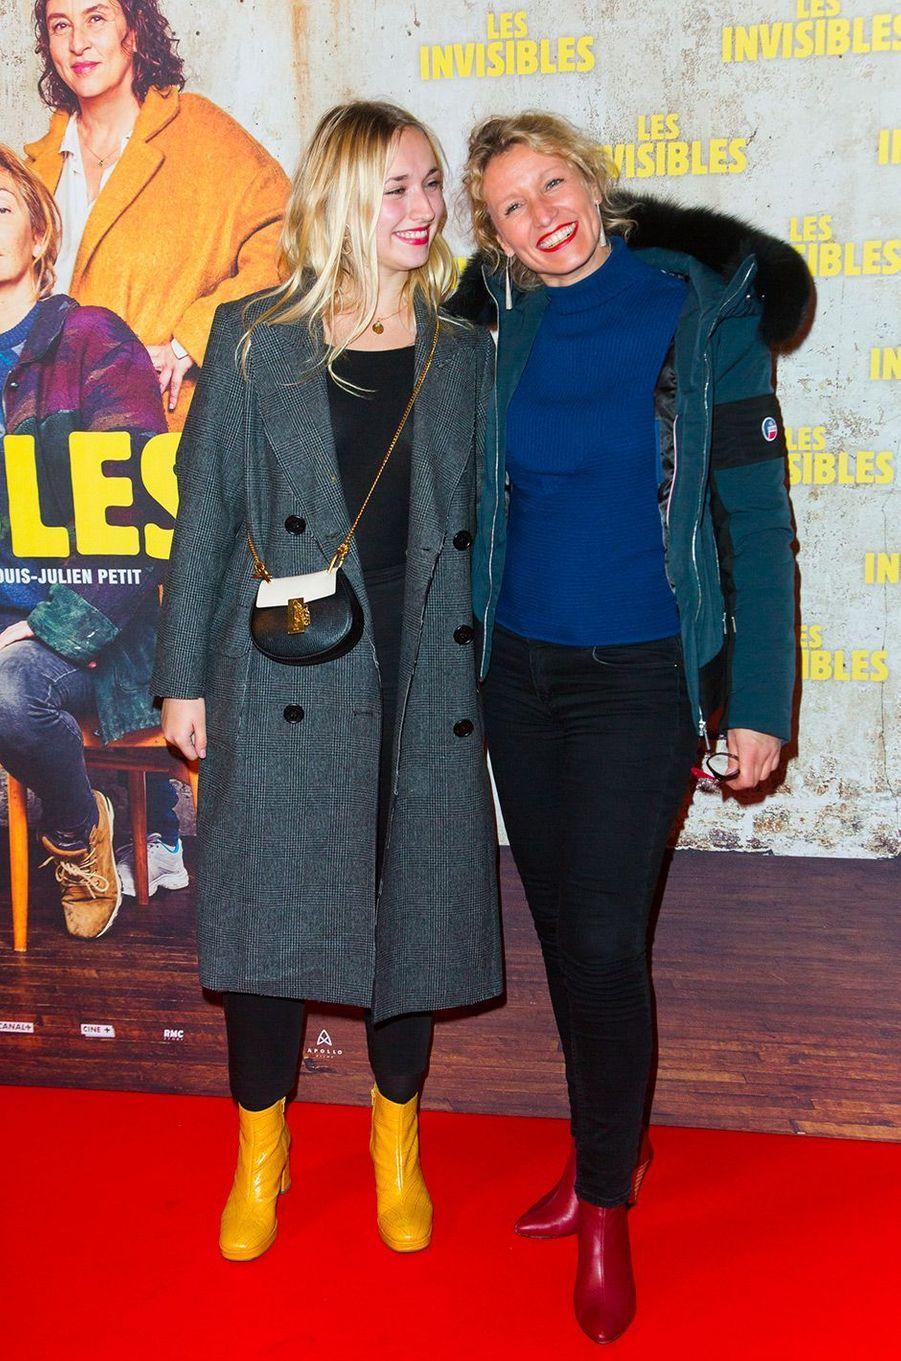 """Chloé Jouannet et Alexandra Lamy à l'avant-première du film """"Les invisibles"""", lundi 7 janvier à Paris"""